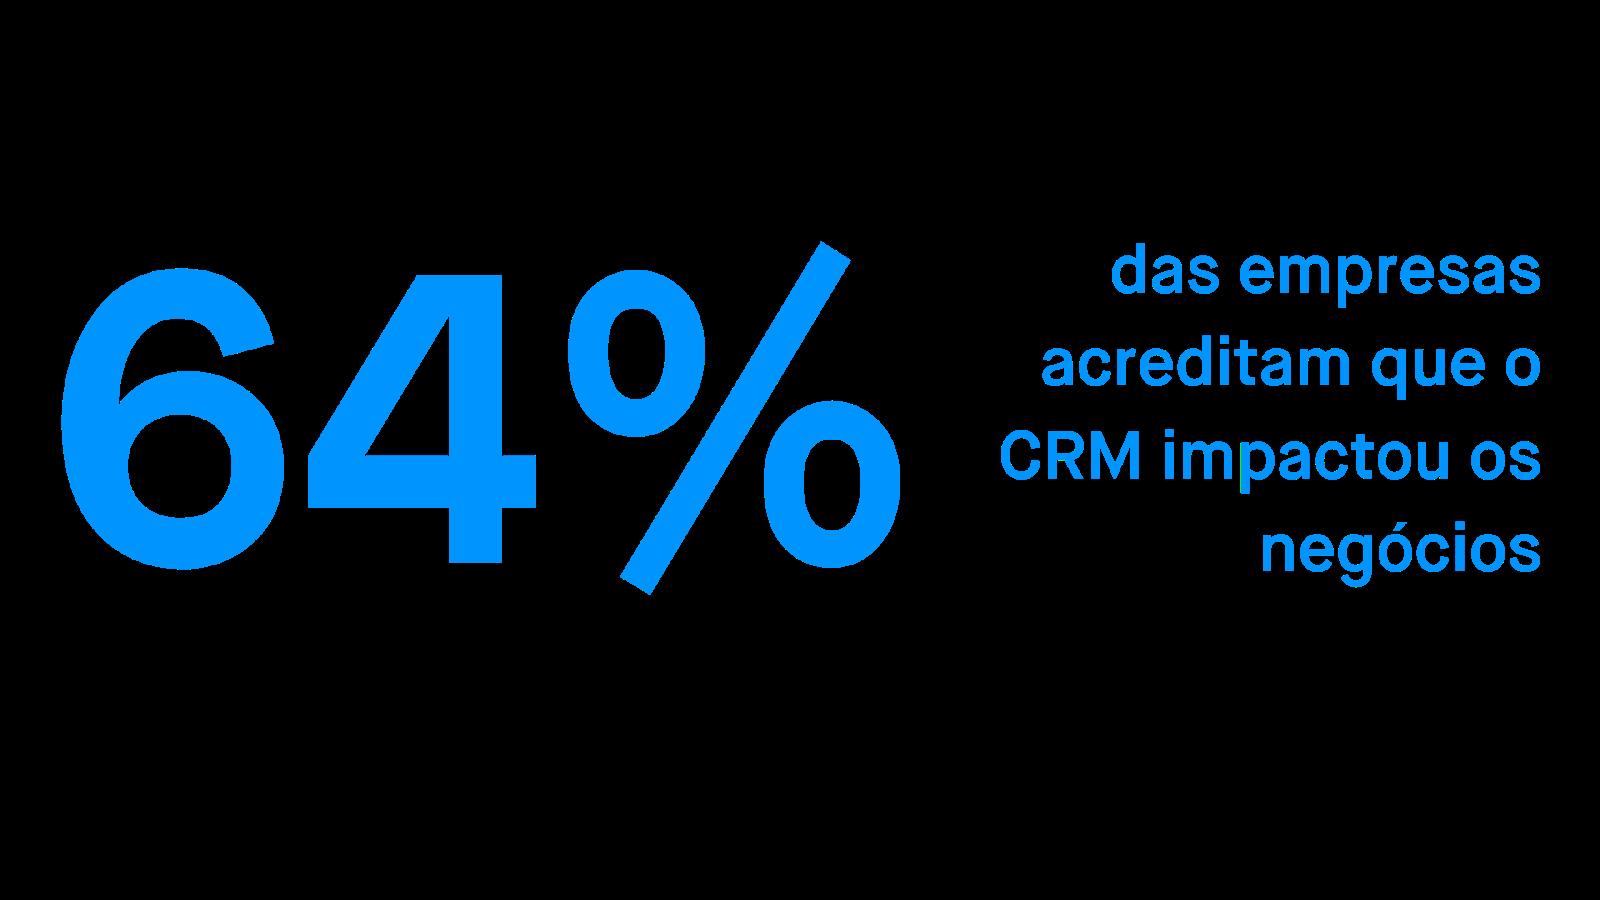 64% das empresas acreditam na ferramenta CRM